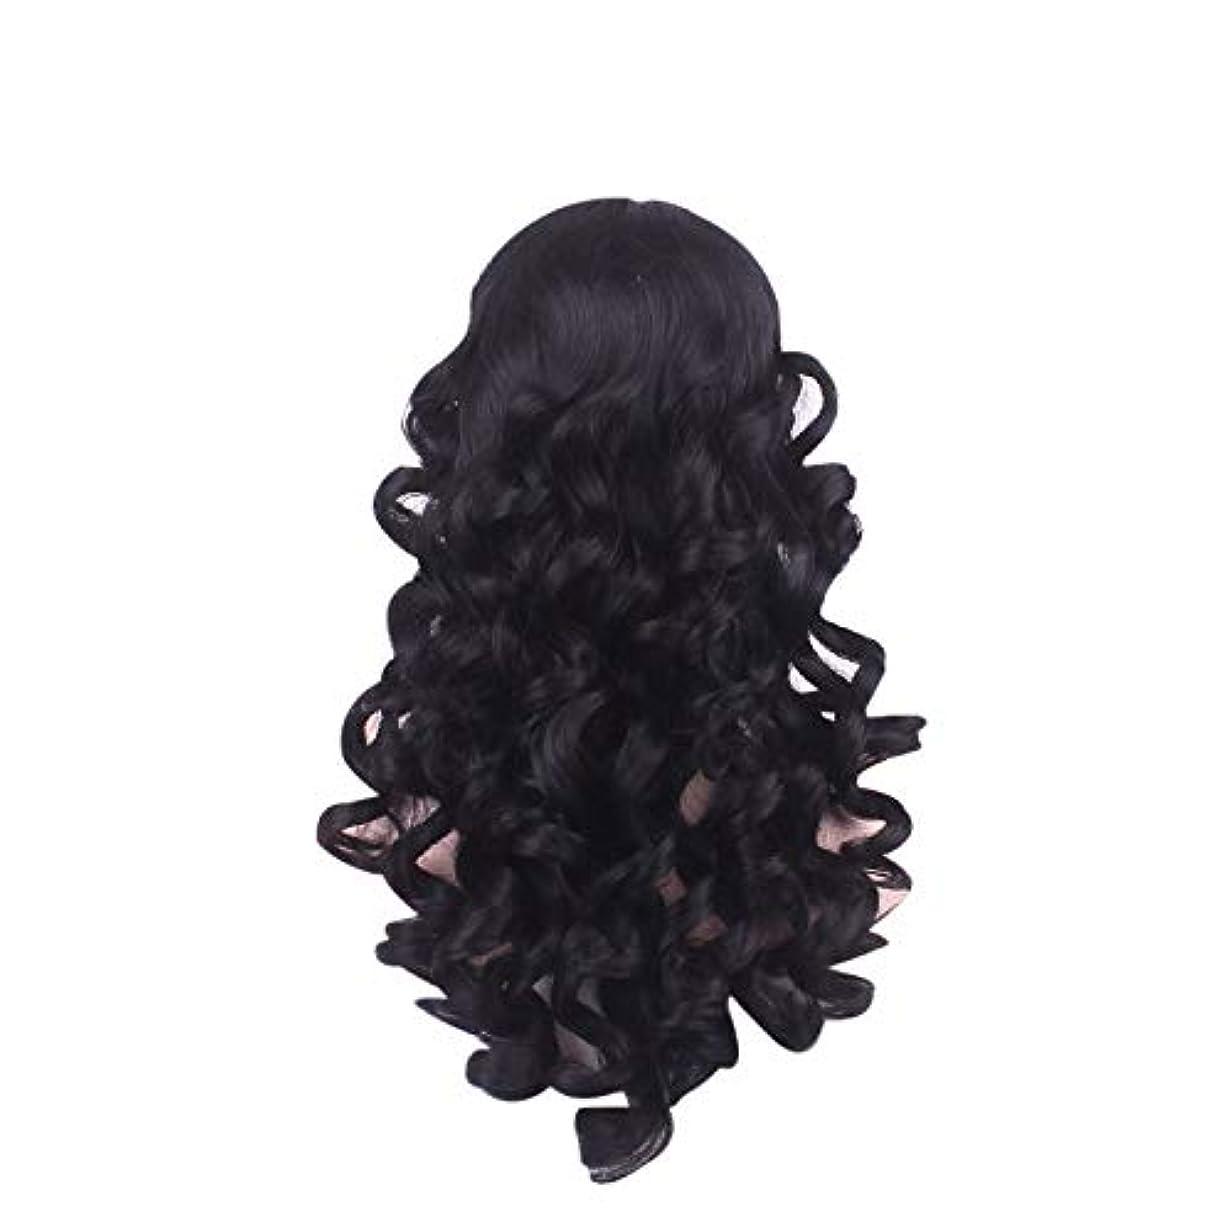 現在花リップ女性の長い巻き毛のファッションかつらローズネット65 cm